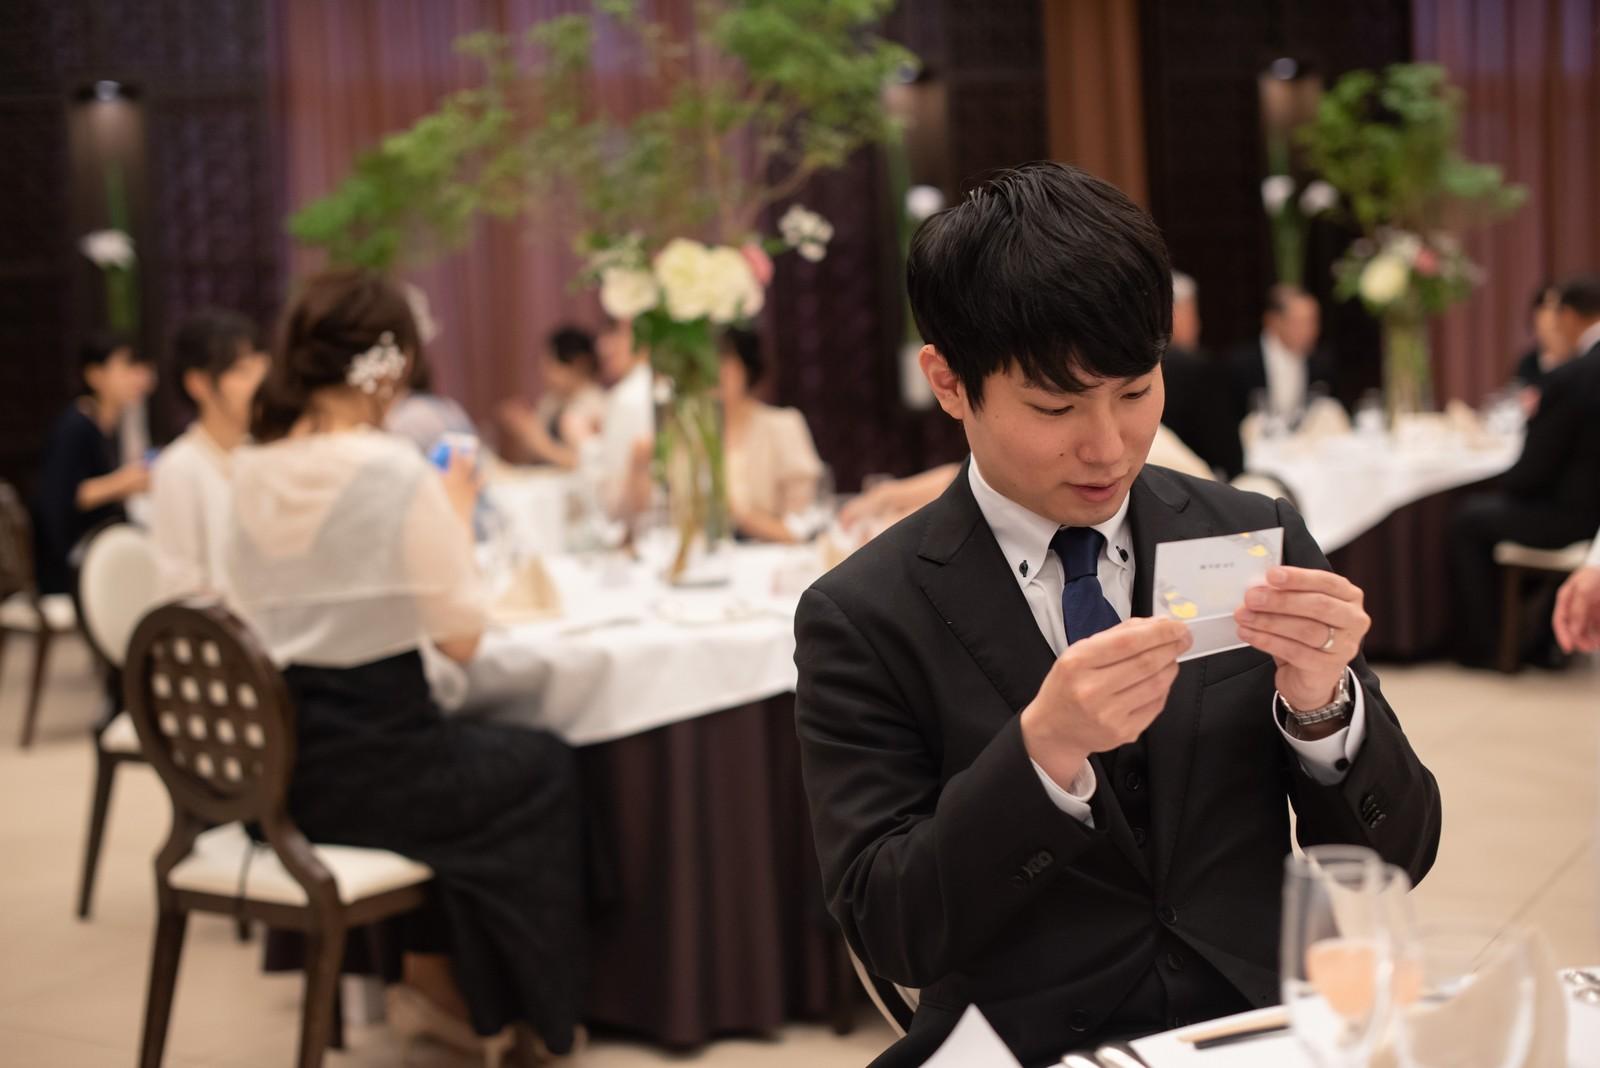 徳島市の結婚式場ブランアンジュで新郎新婦手作りの席札に書かれたメッセージを読むゲスト